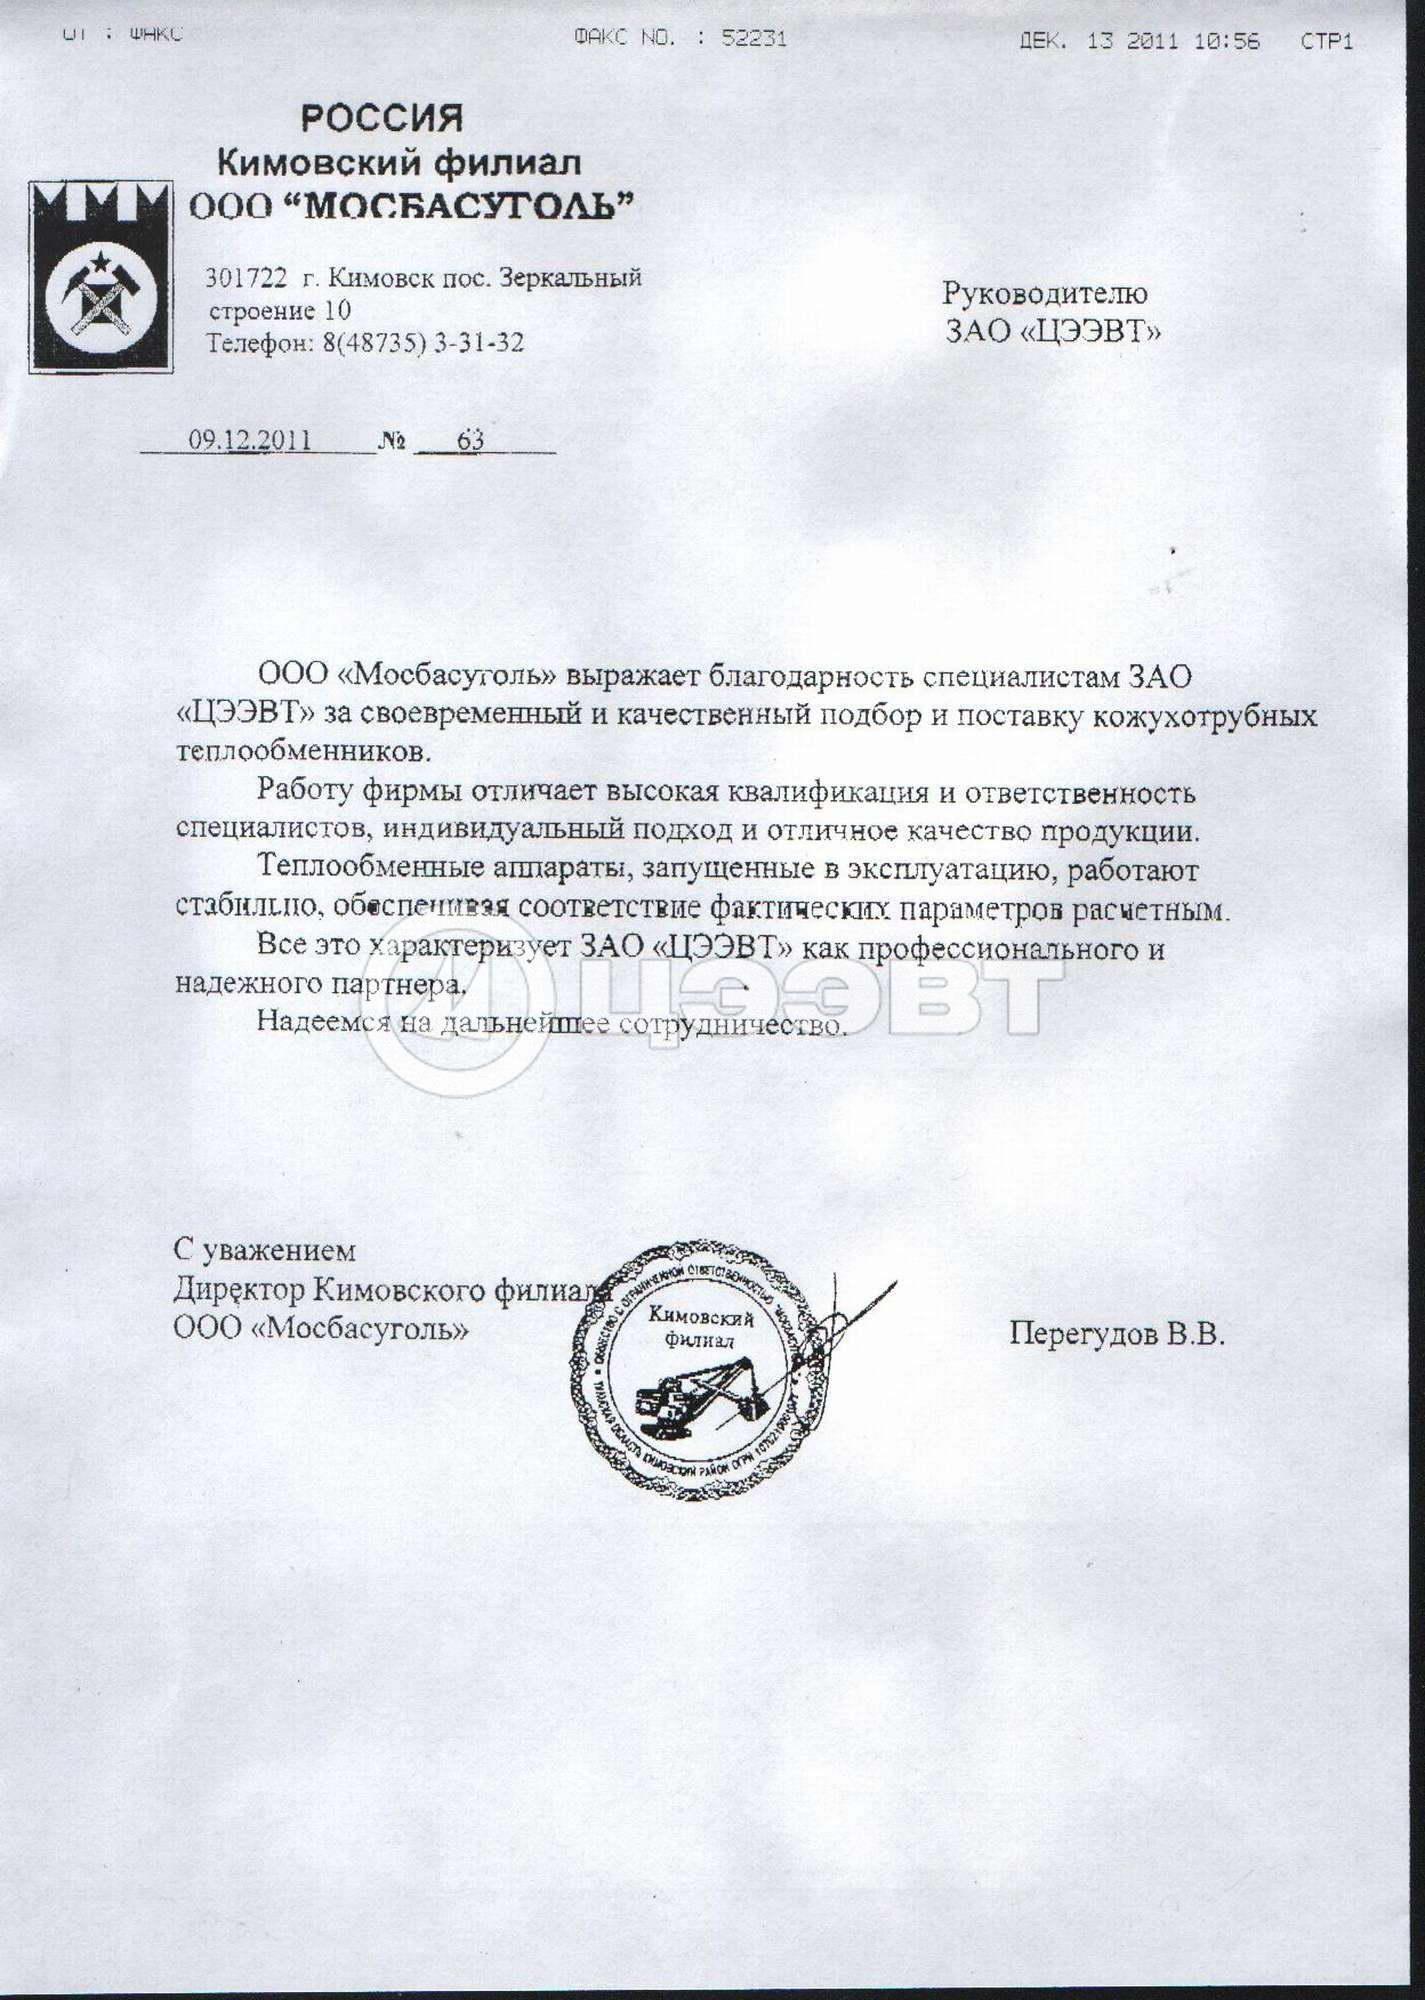 ООО «Мосбаcуголь», Кимовск